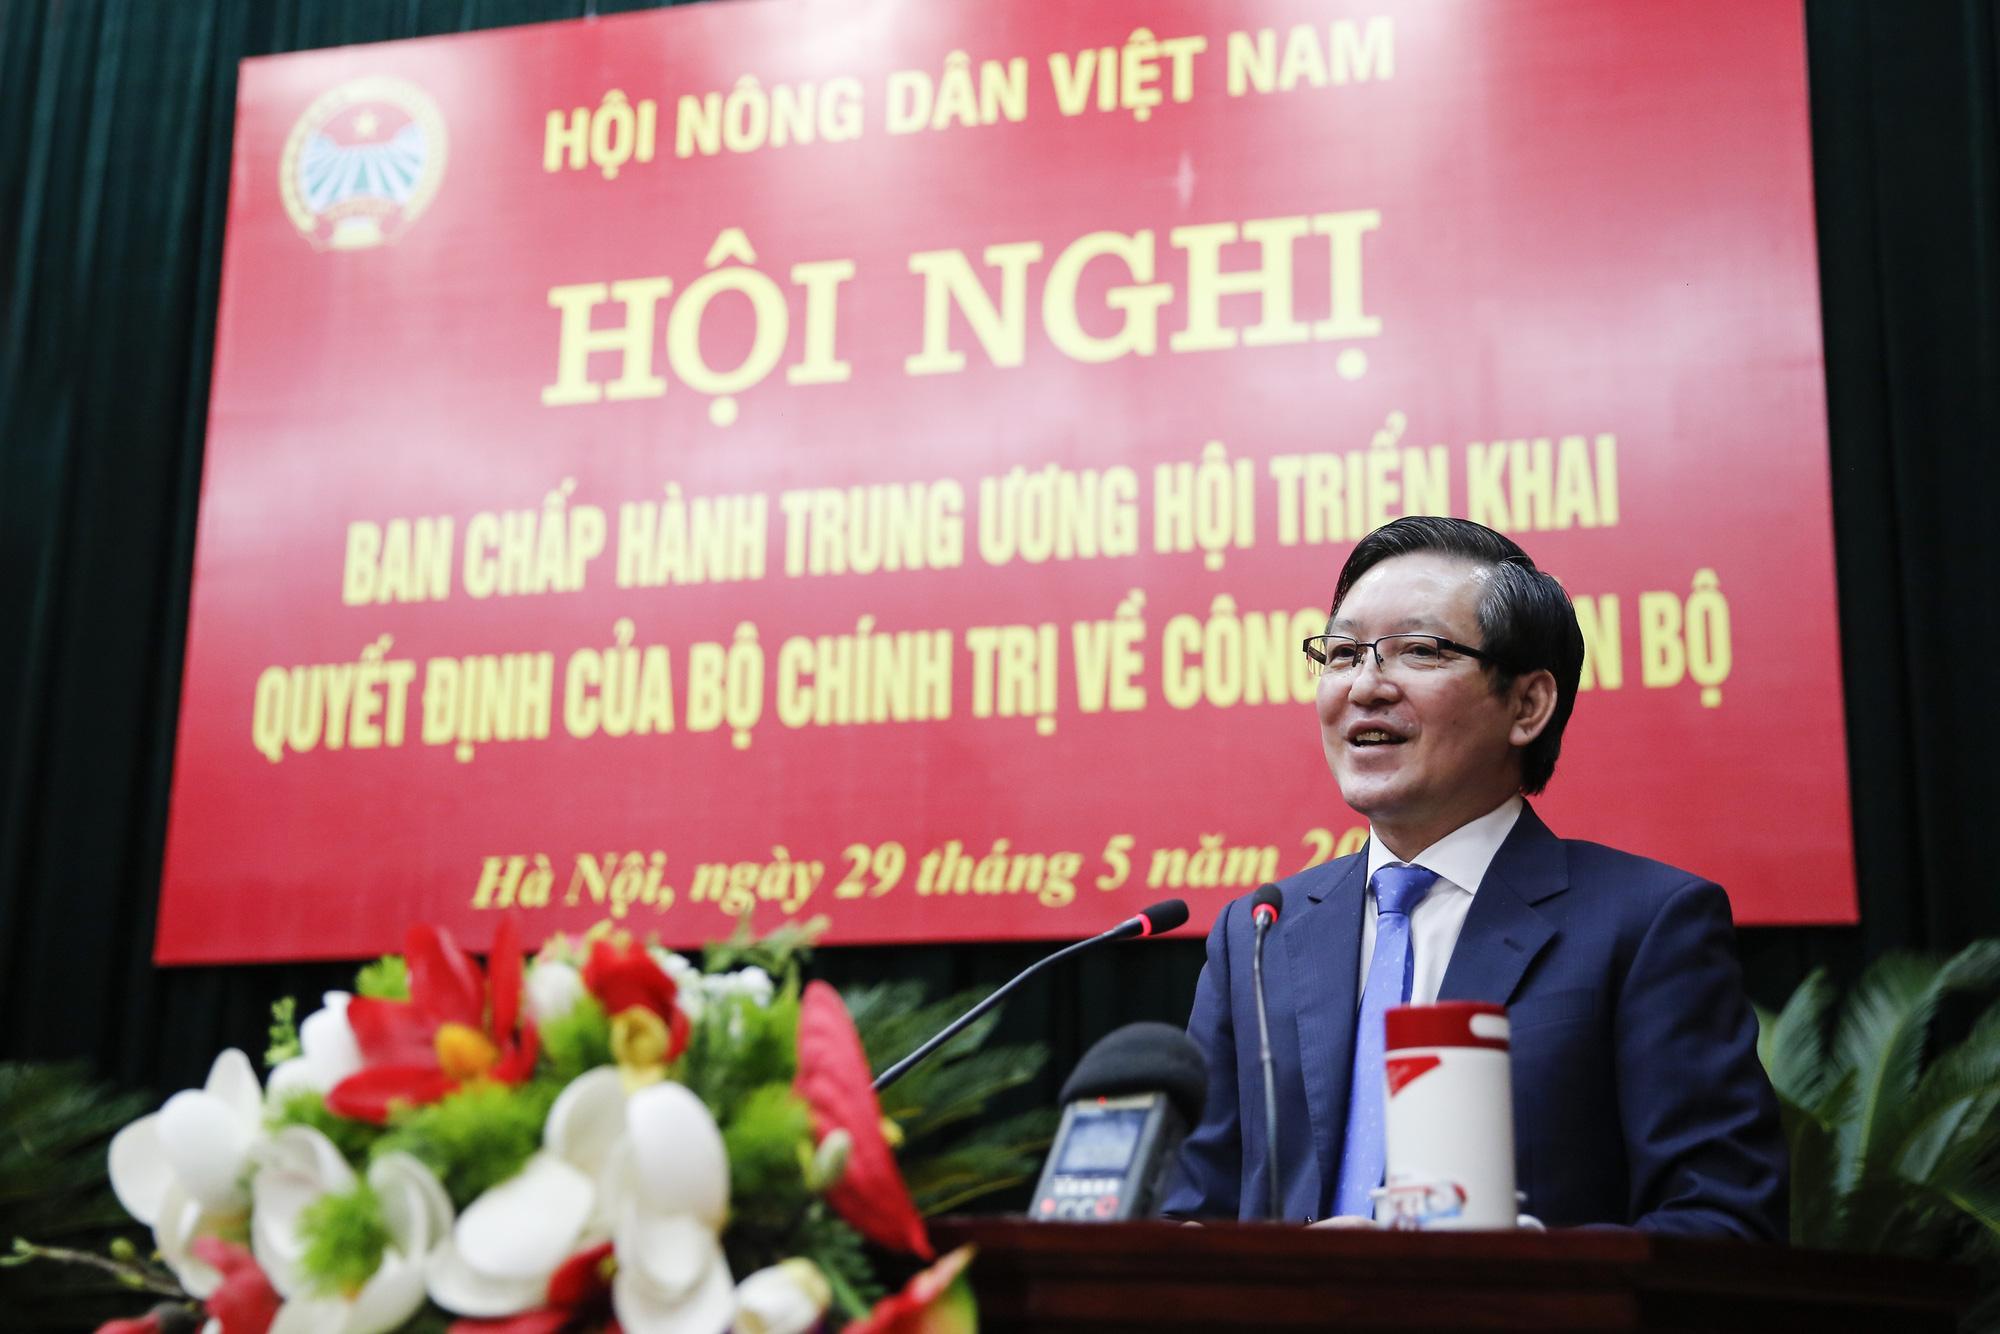 Ủy viên Trung ương Đảng, Chủ tịch Hội Nông dân Việt Nam Lương Quốc Đoàn trúng cử Đại biểu Quốc hội khóa XV - Ảnh 1.